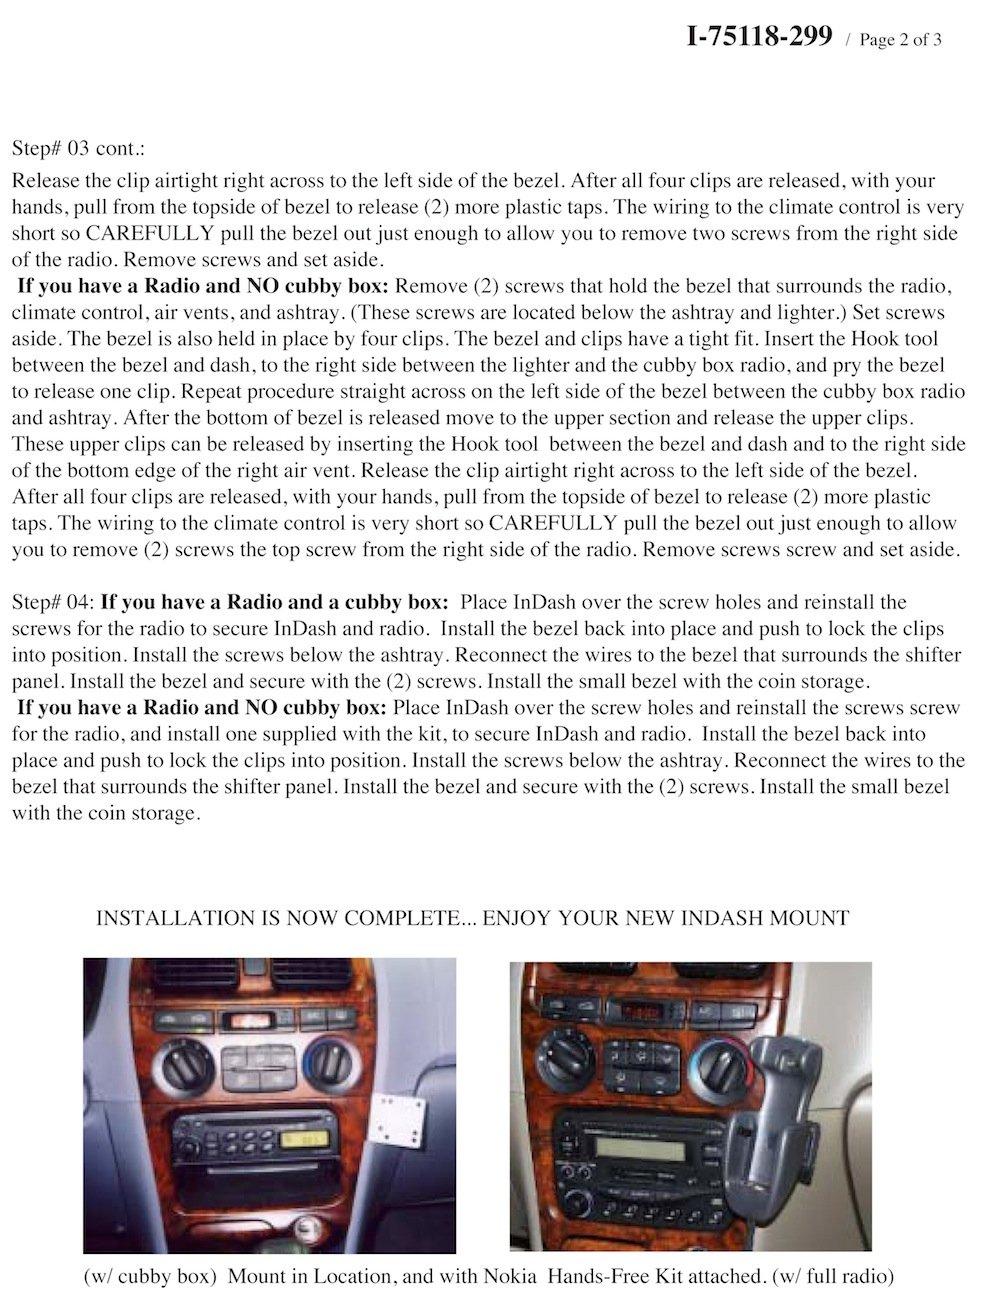 Padholdr Utility Series Premium Locking Tablet Dash Kit for 1999-2005 Hyundai Sonata Pad Holdr PHUC-GB.75118-299-1.717-06SF